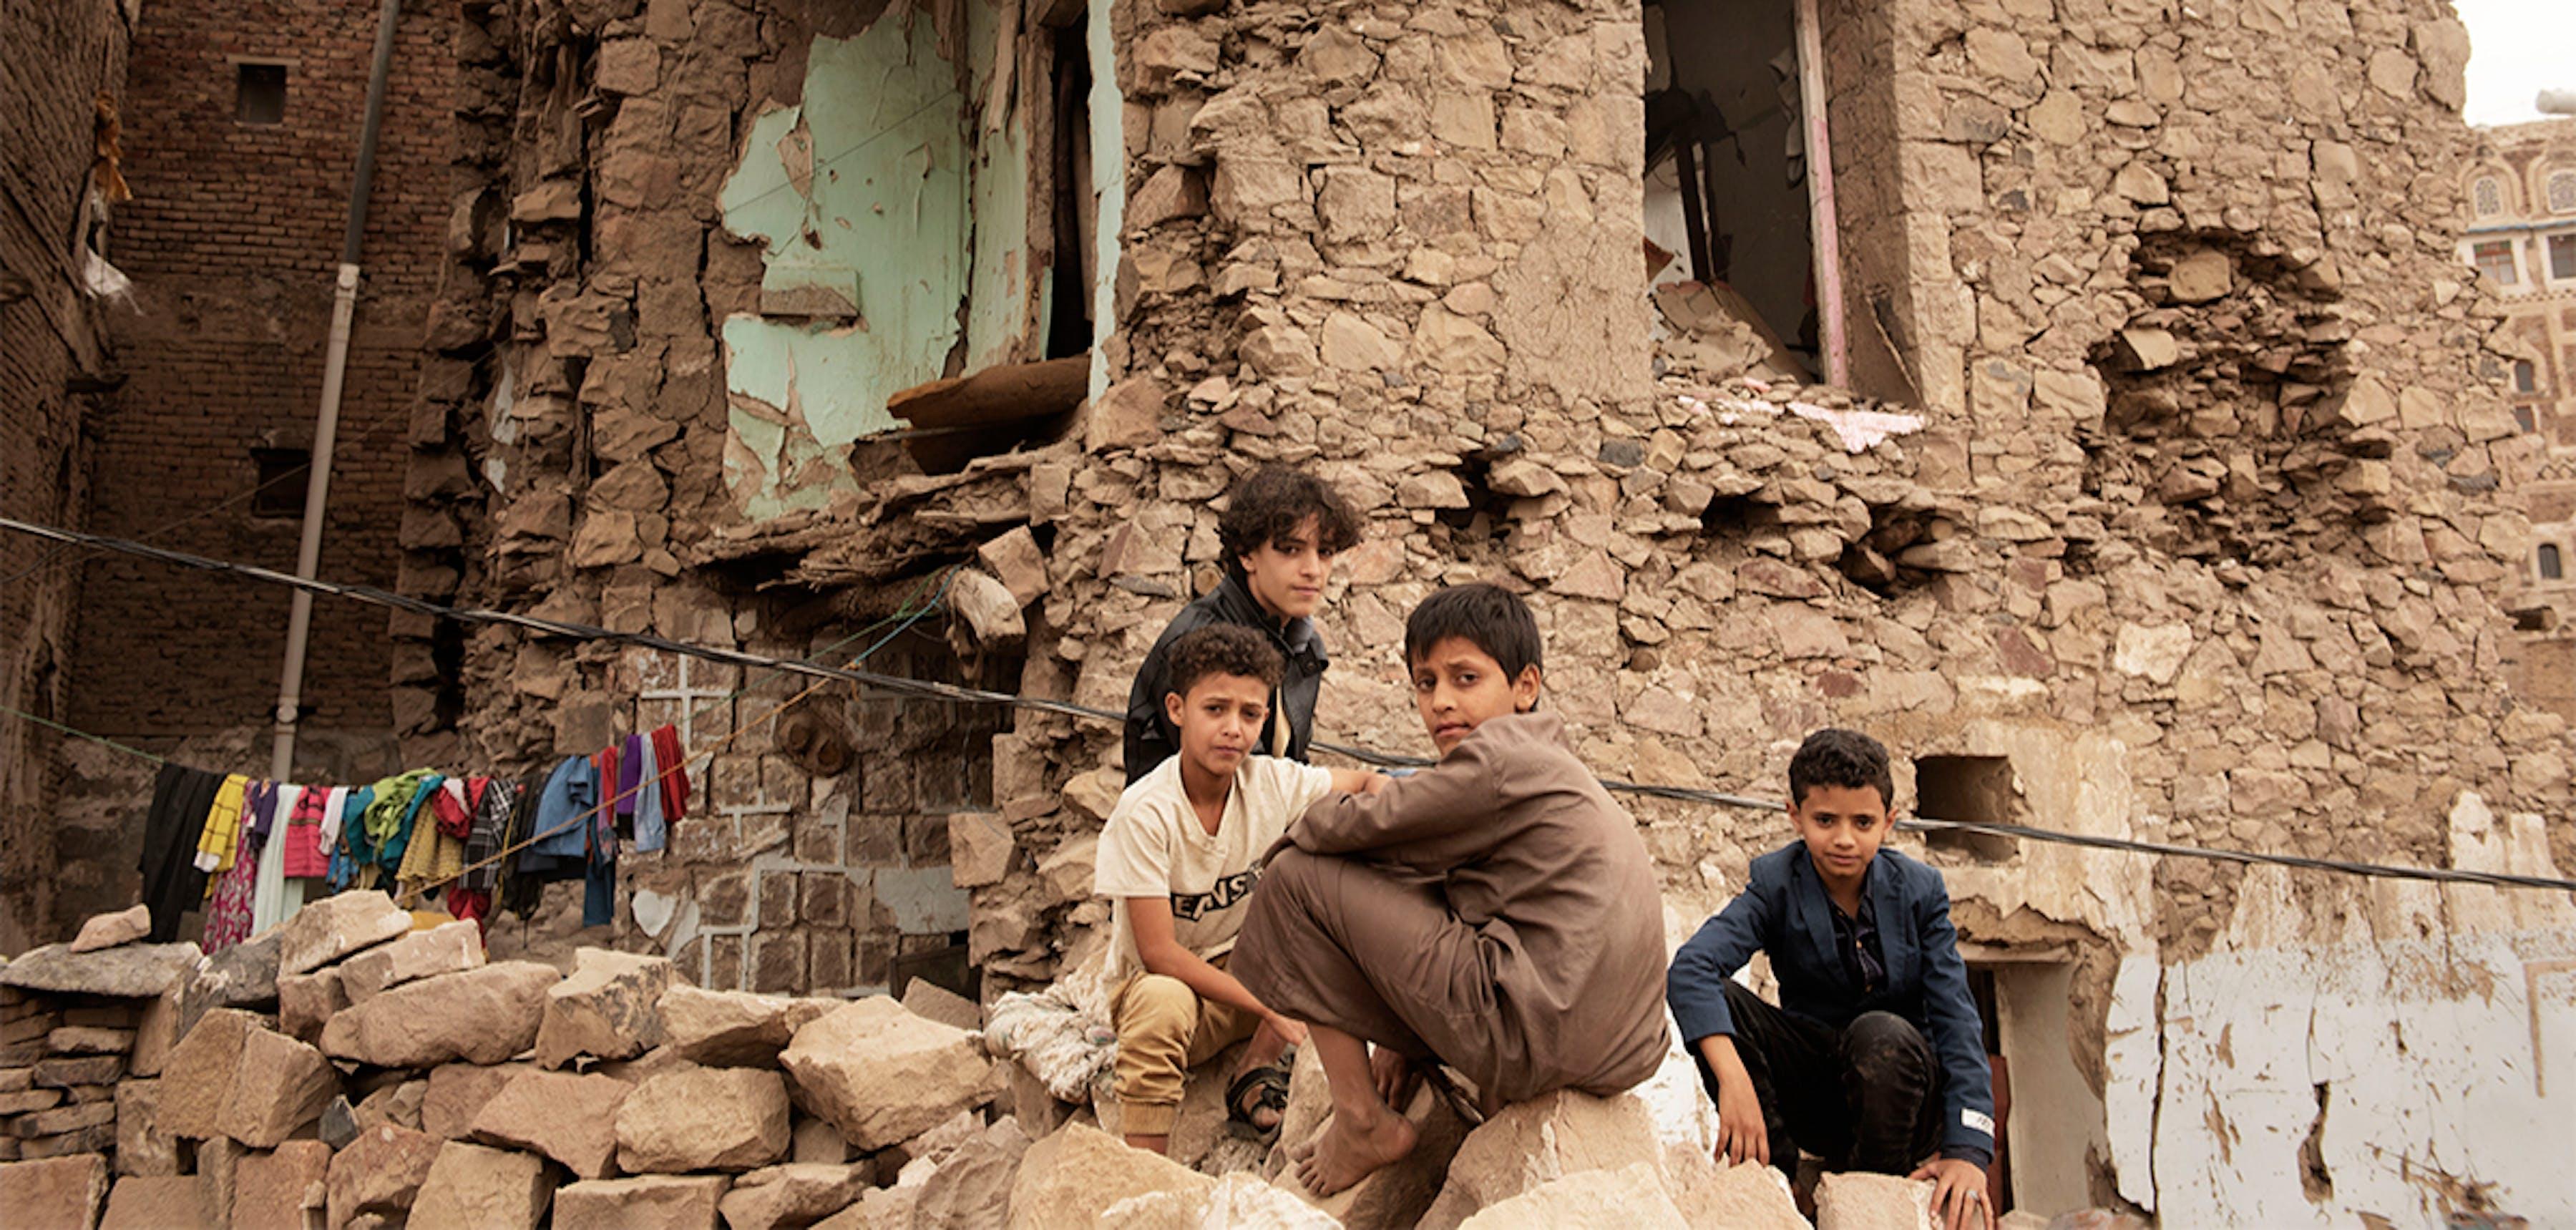 Yemen, bambini si trovano di fronte a un edificio distrutto dai bombardamenti